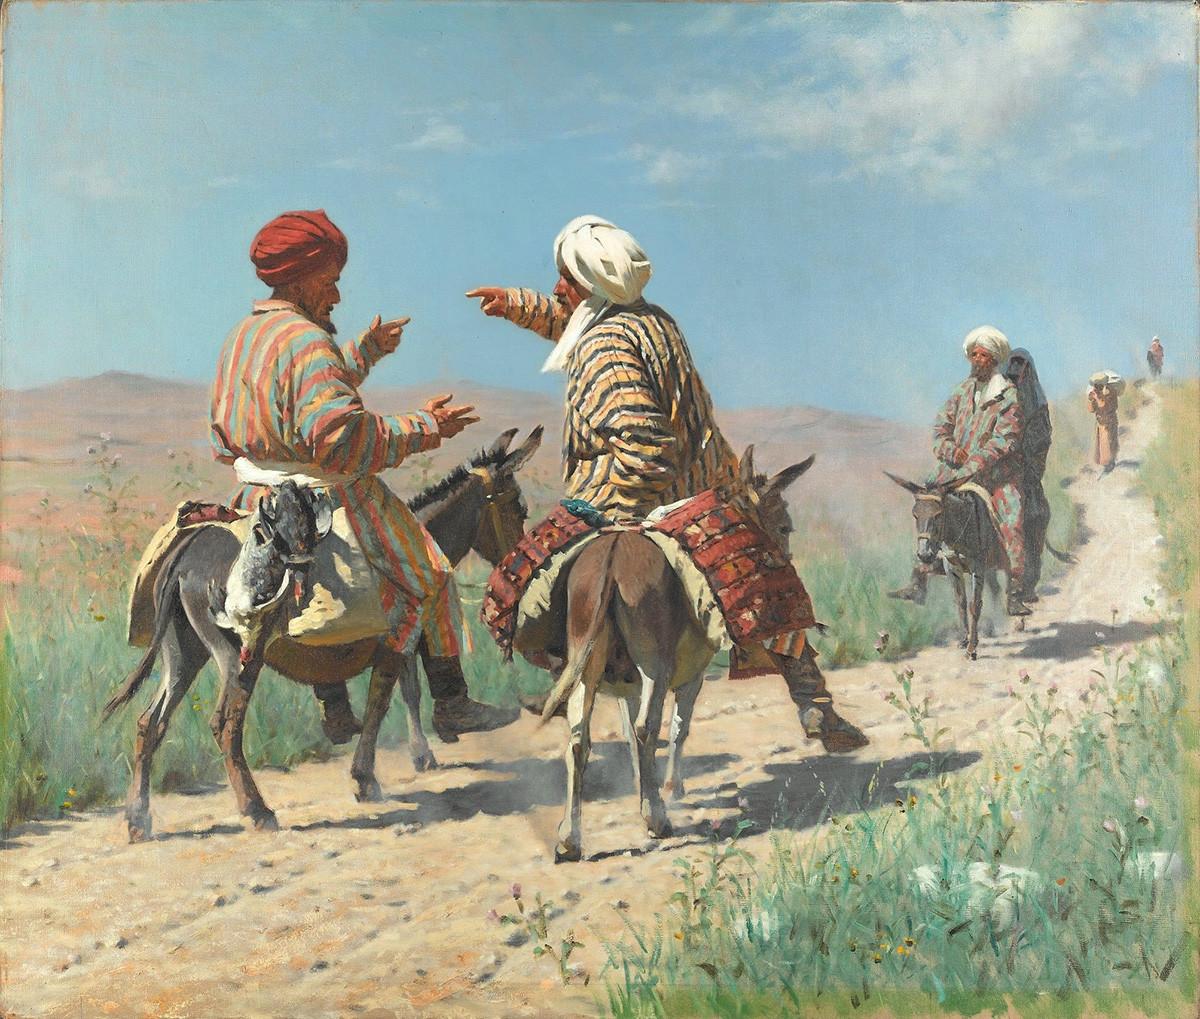 Le mollah Rahim et le mollah Kerim en route pour le bazar se querellent, 1873